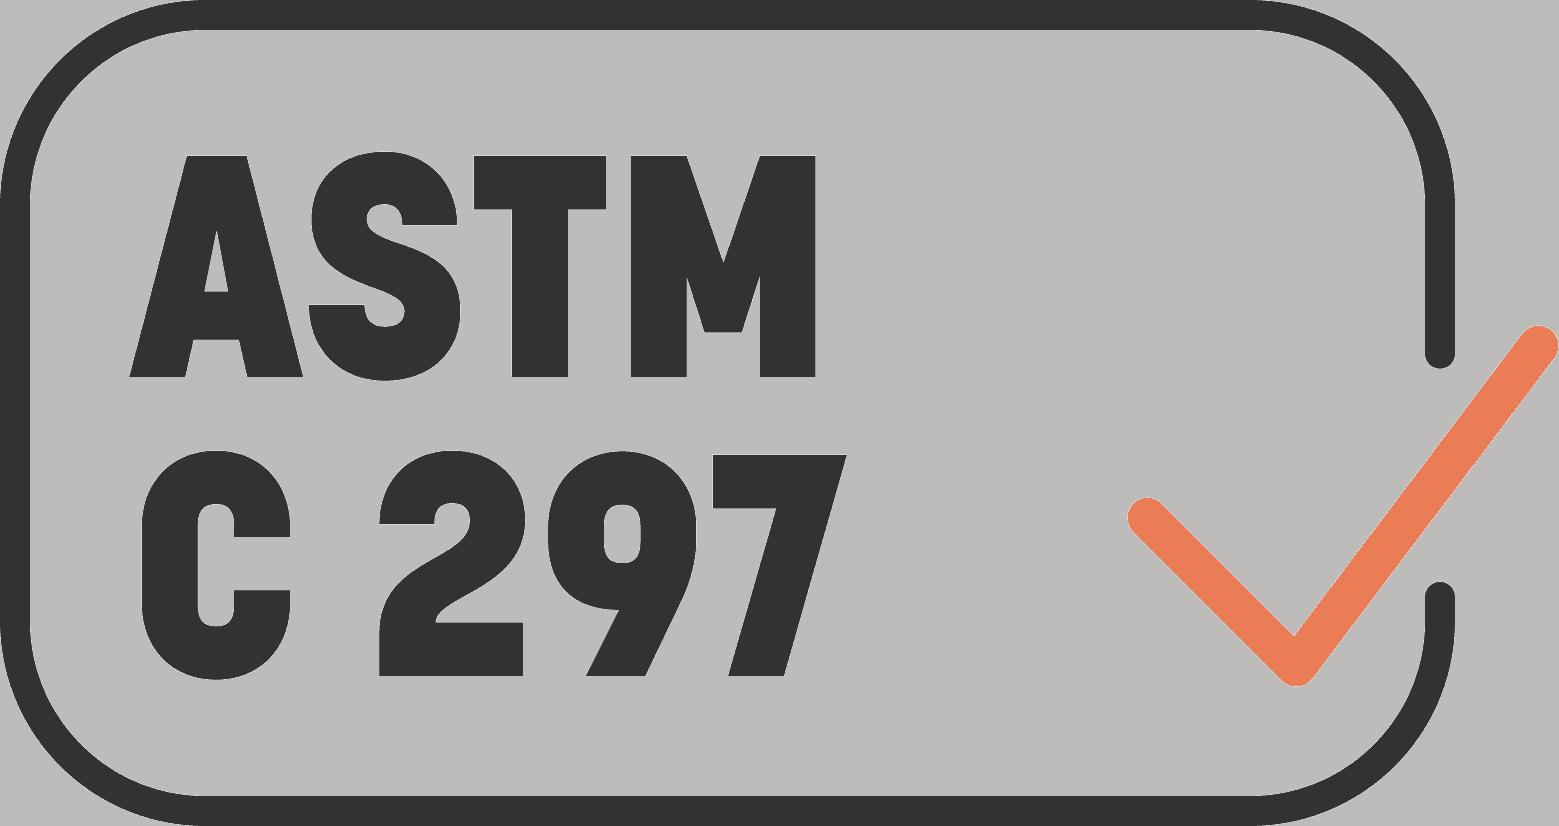 ASTM C 297